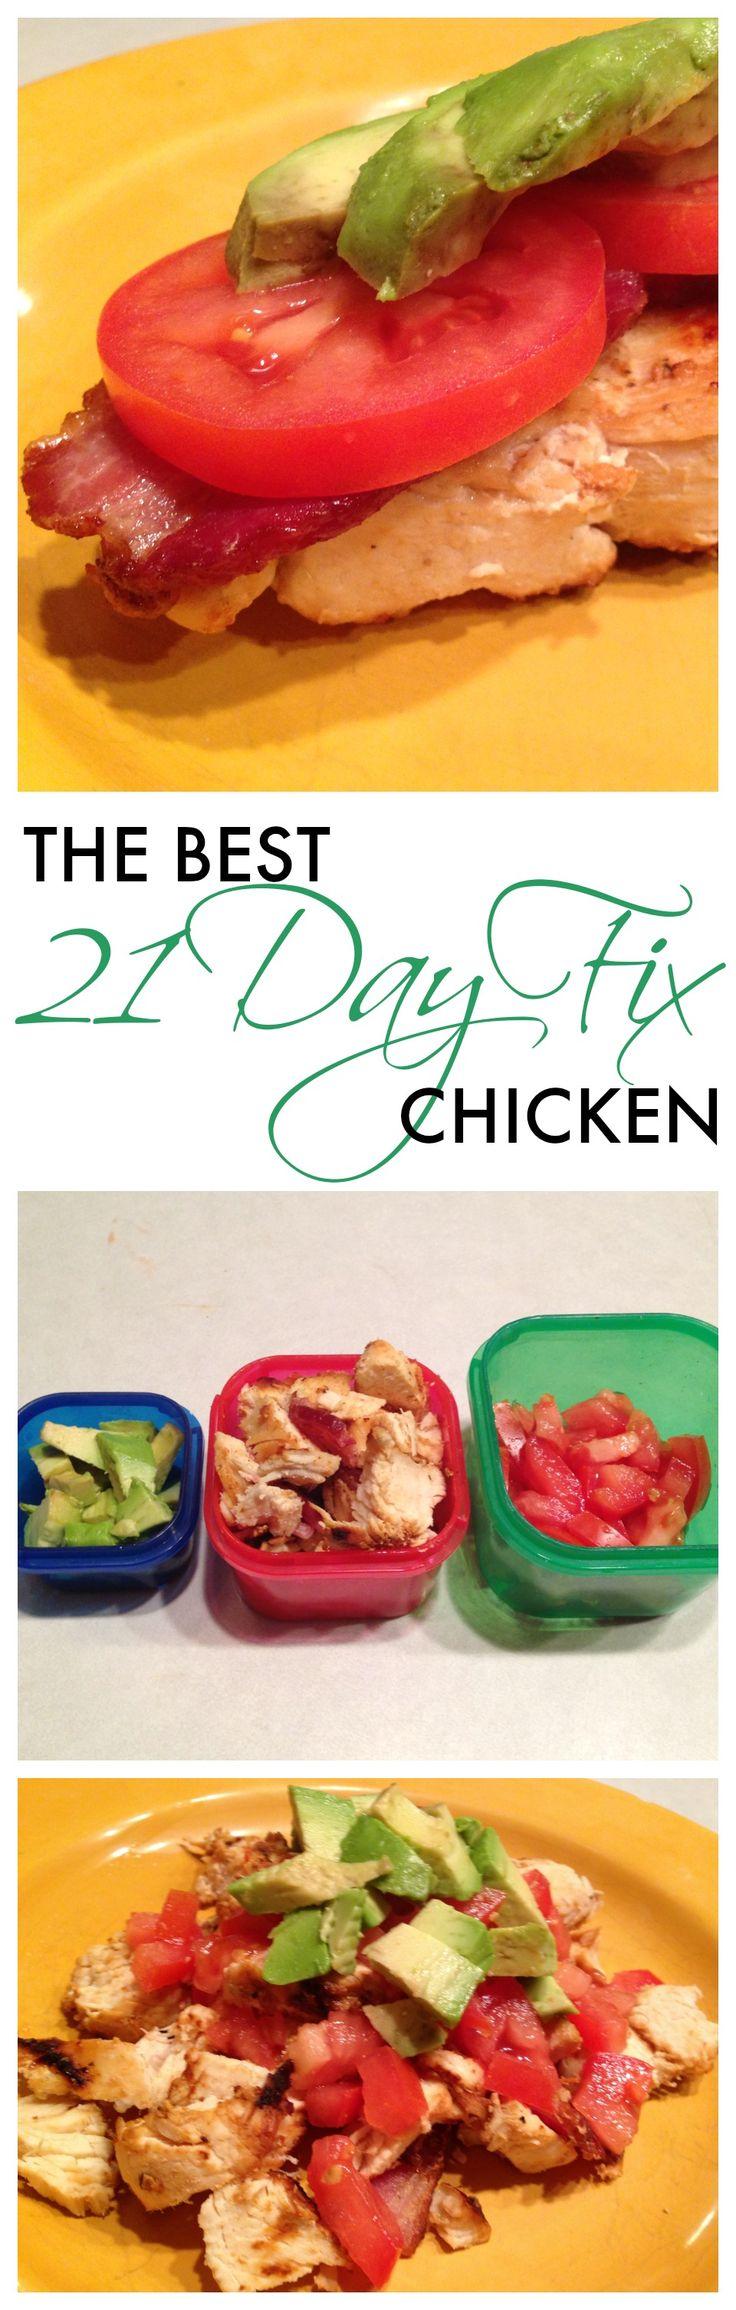 The Best 21 Day Fix Chicken, EVER: 2 ways #21dayfix #eatclean #yummy #chicken